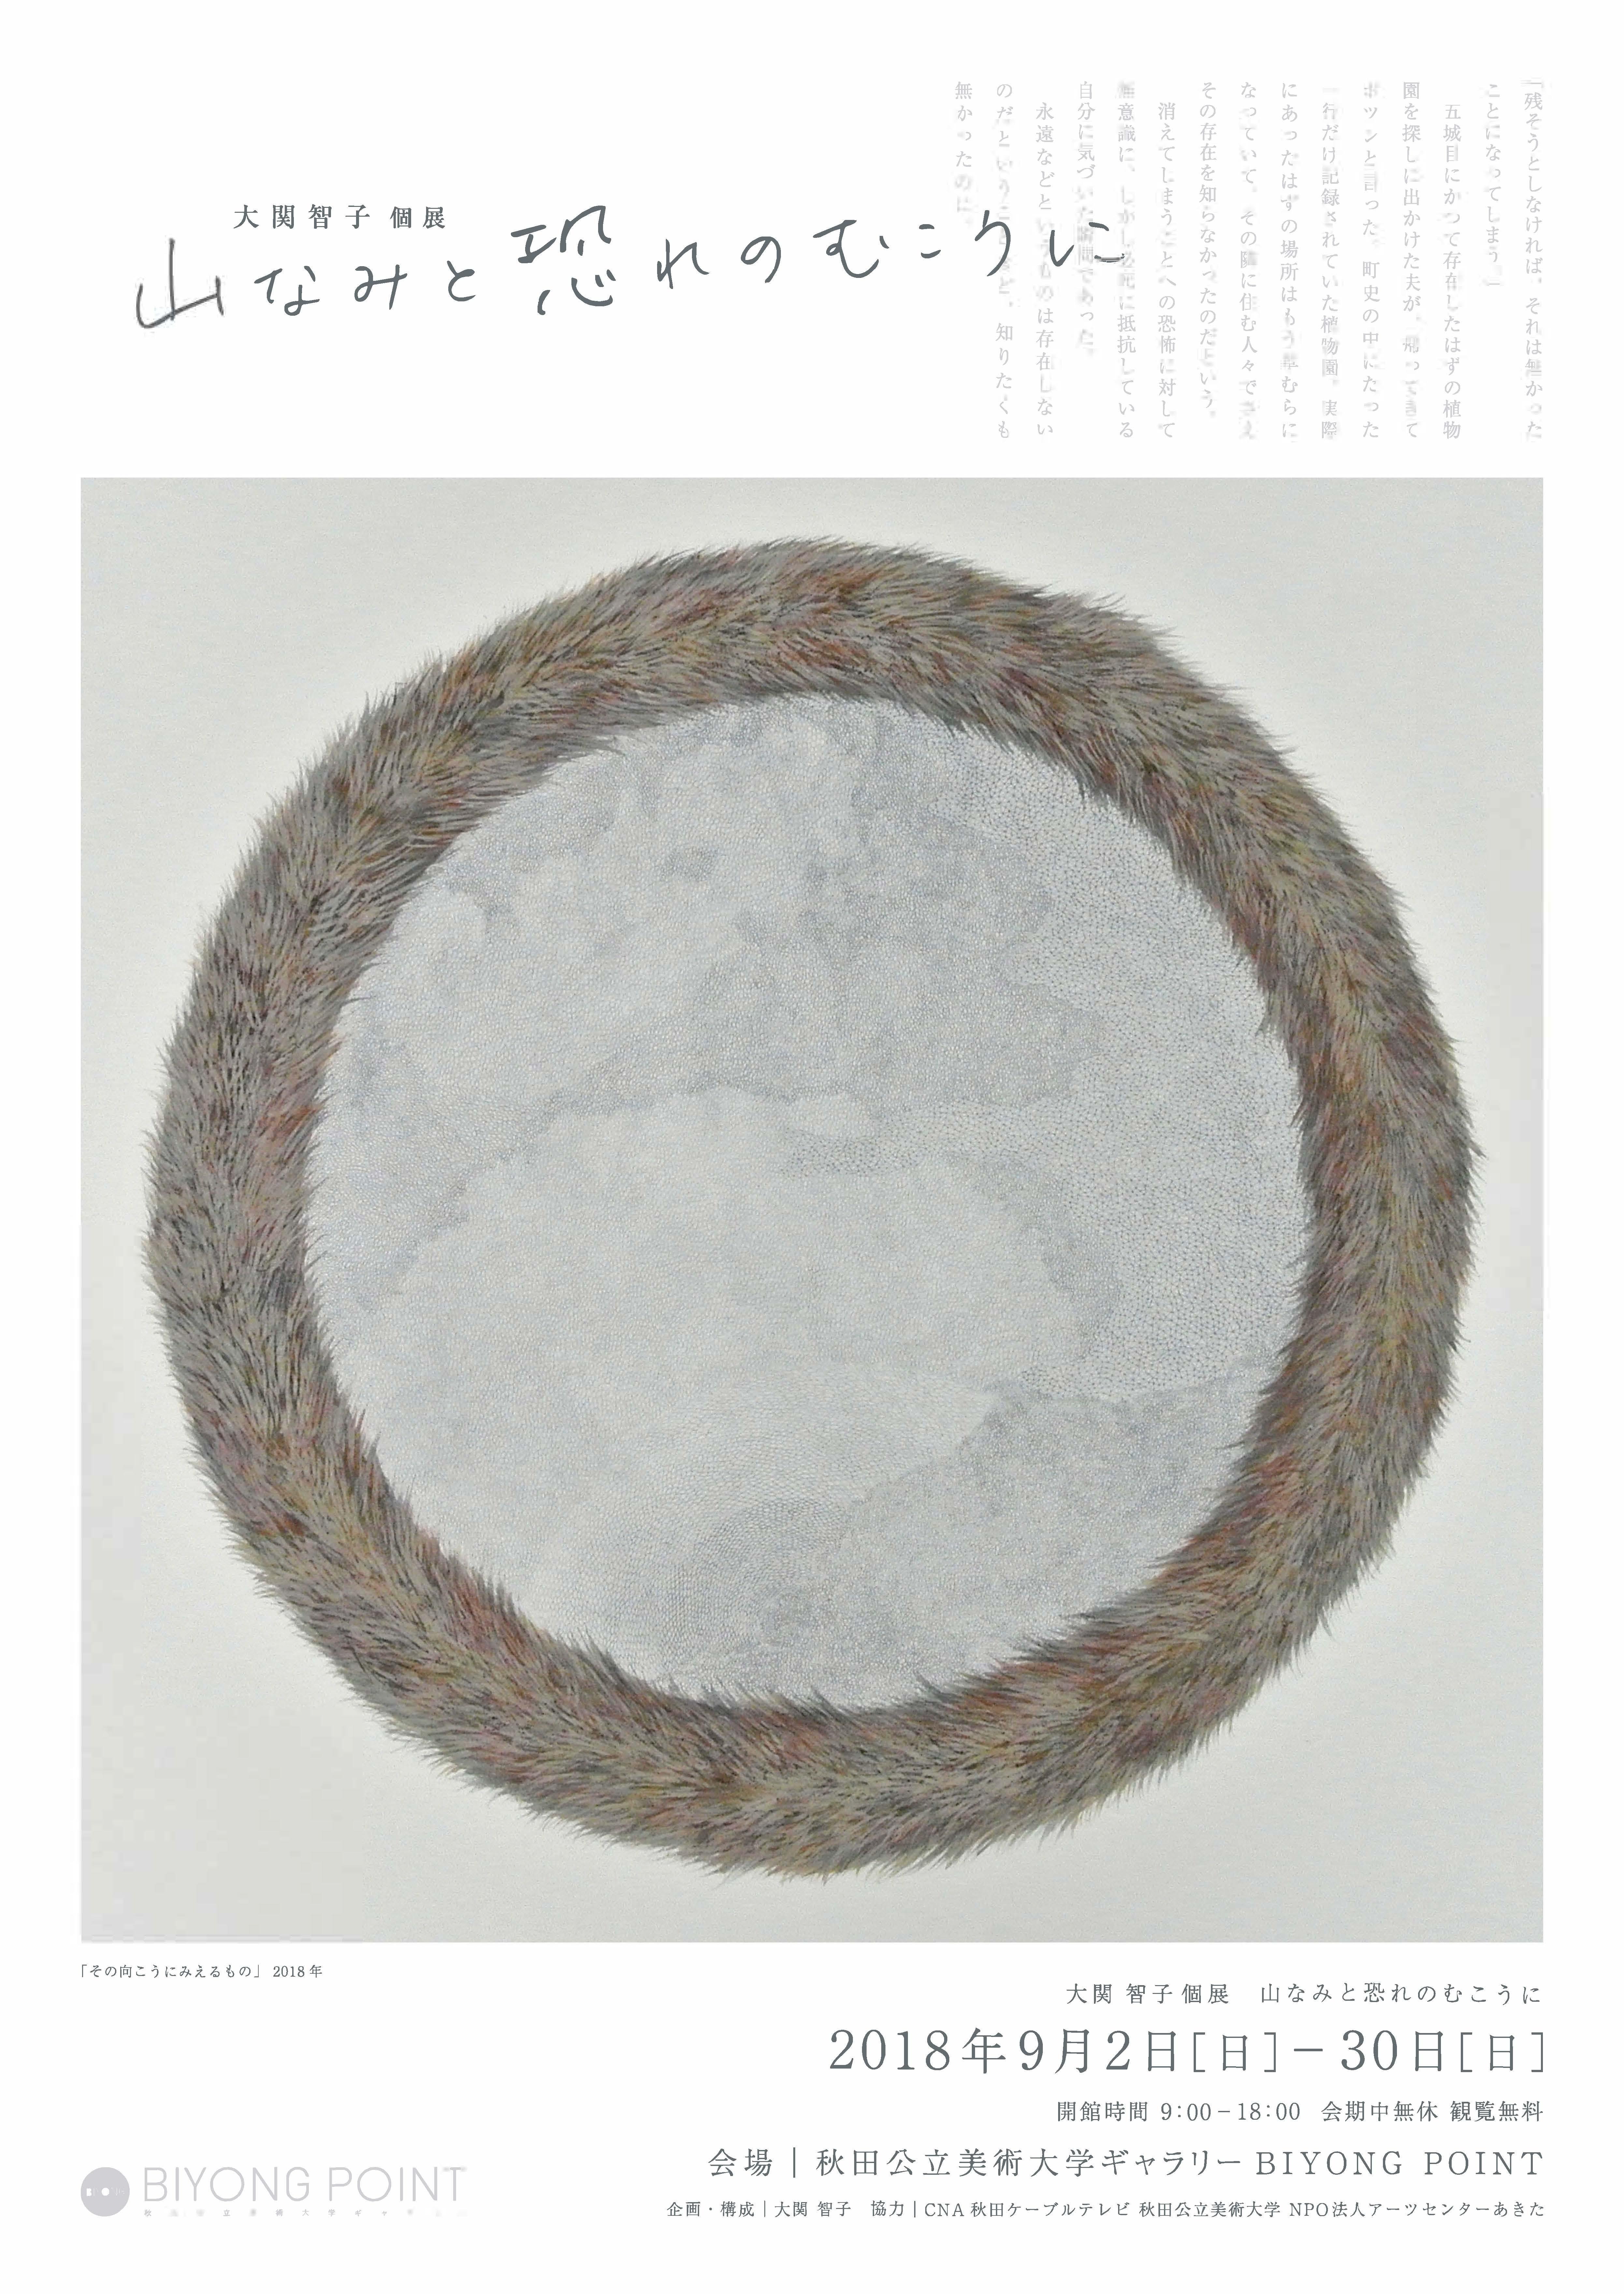 大関智子個展「山なみと恐れのむこうに」